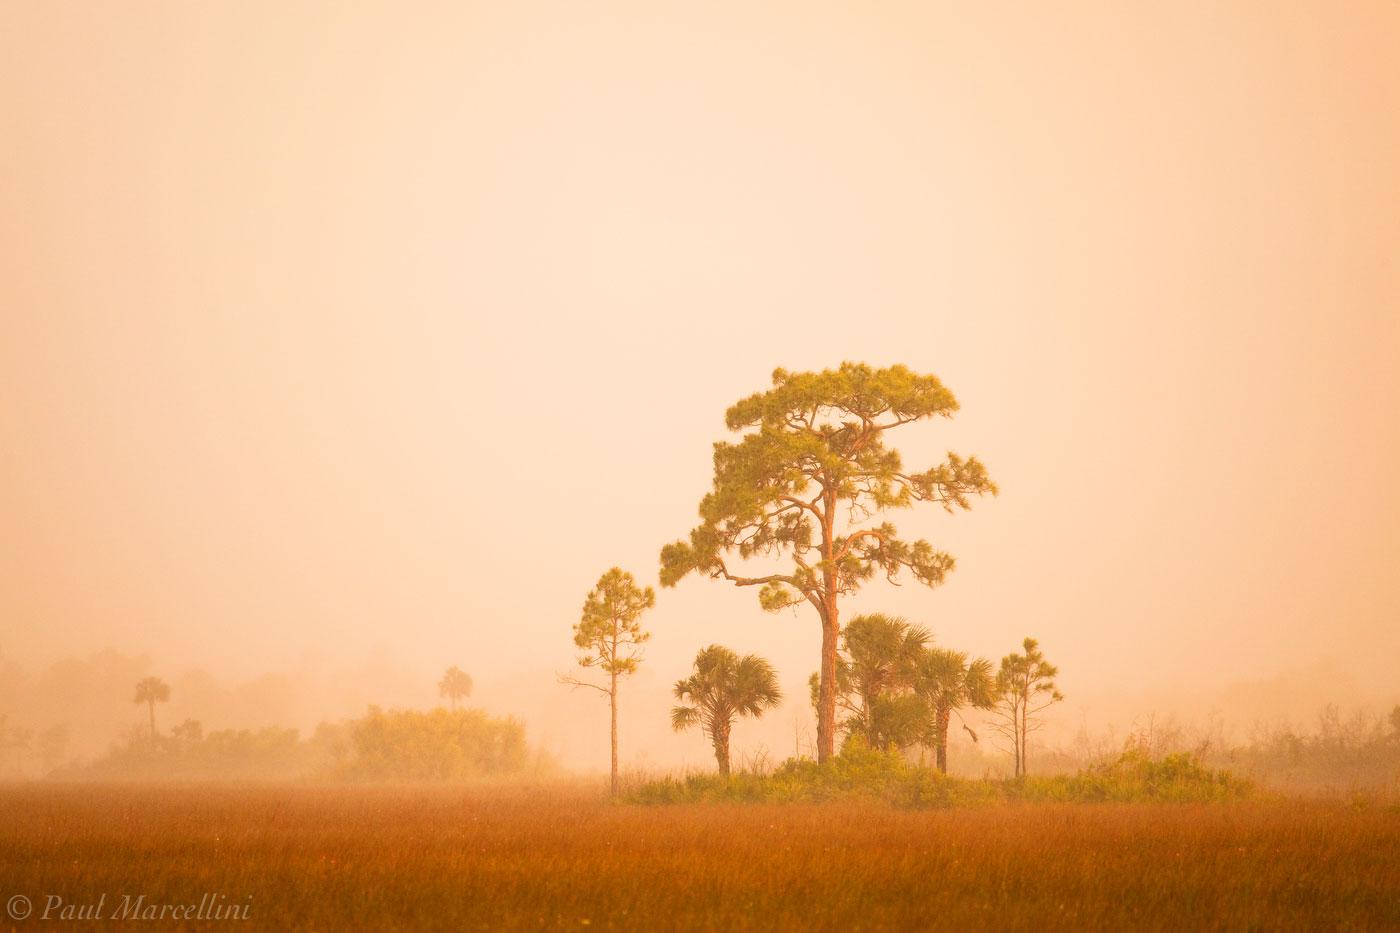 big cypress, rain, pines, sunset, Florida, nature, photography, florida national parks, photo